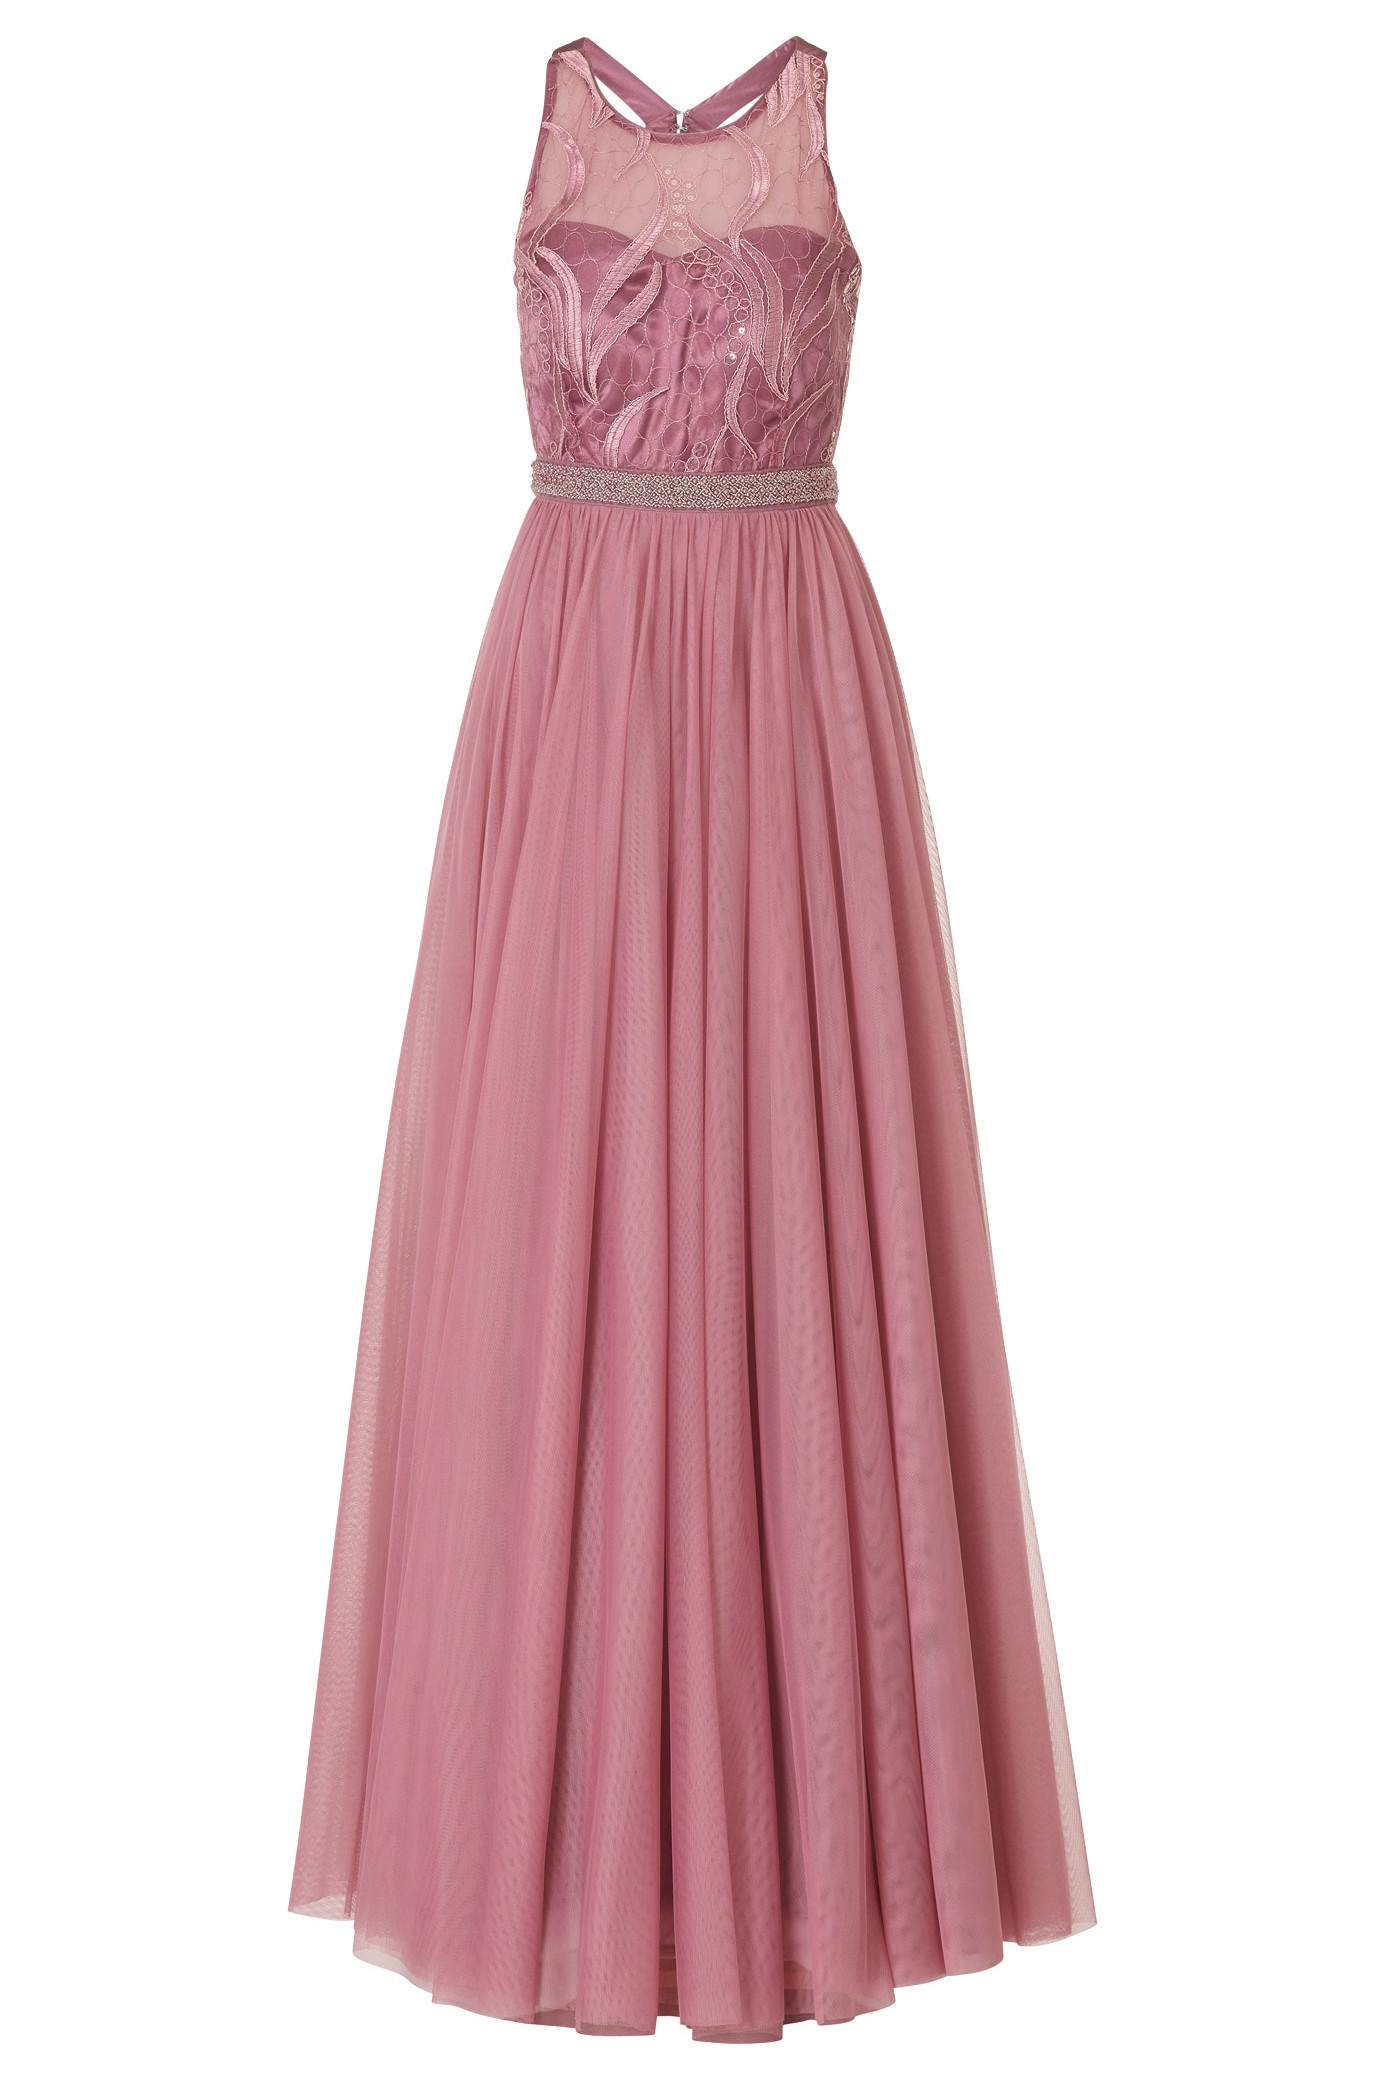 20 Elegant Abendkleid Vera Mont Design17 Luxus Abendkleid Vera Mont Ärmel